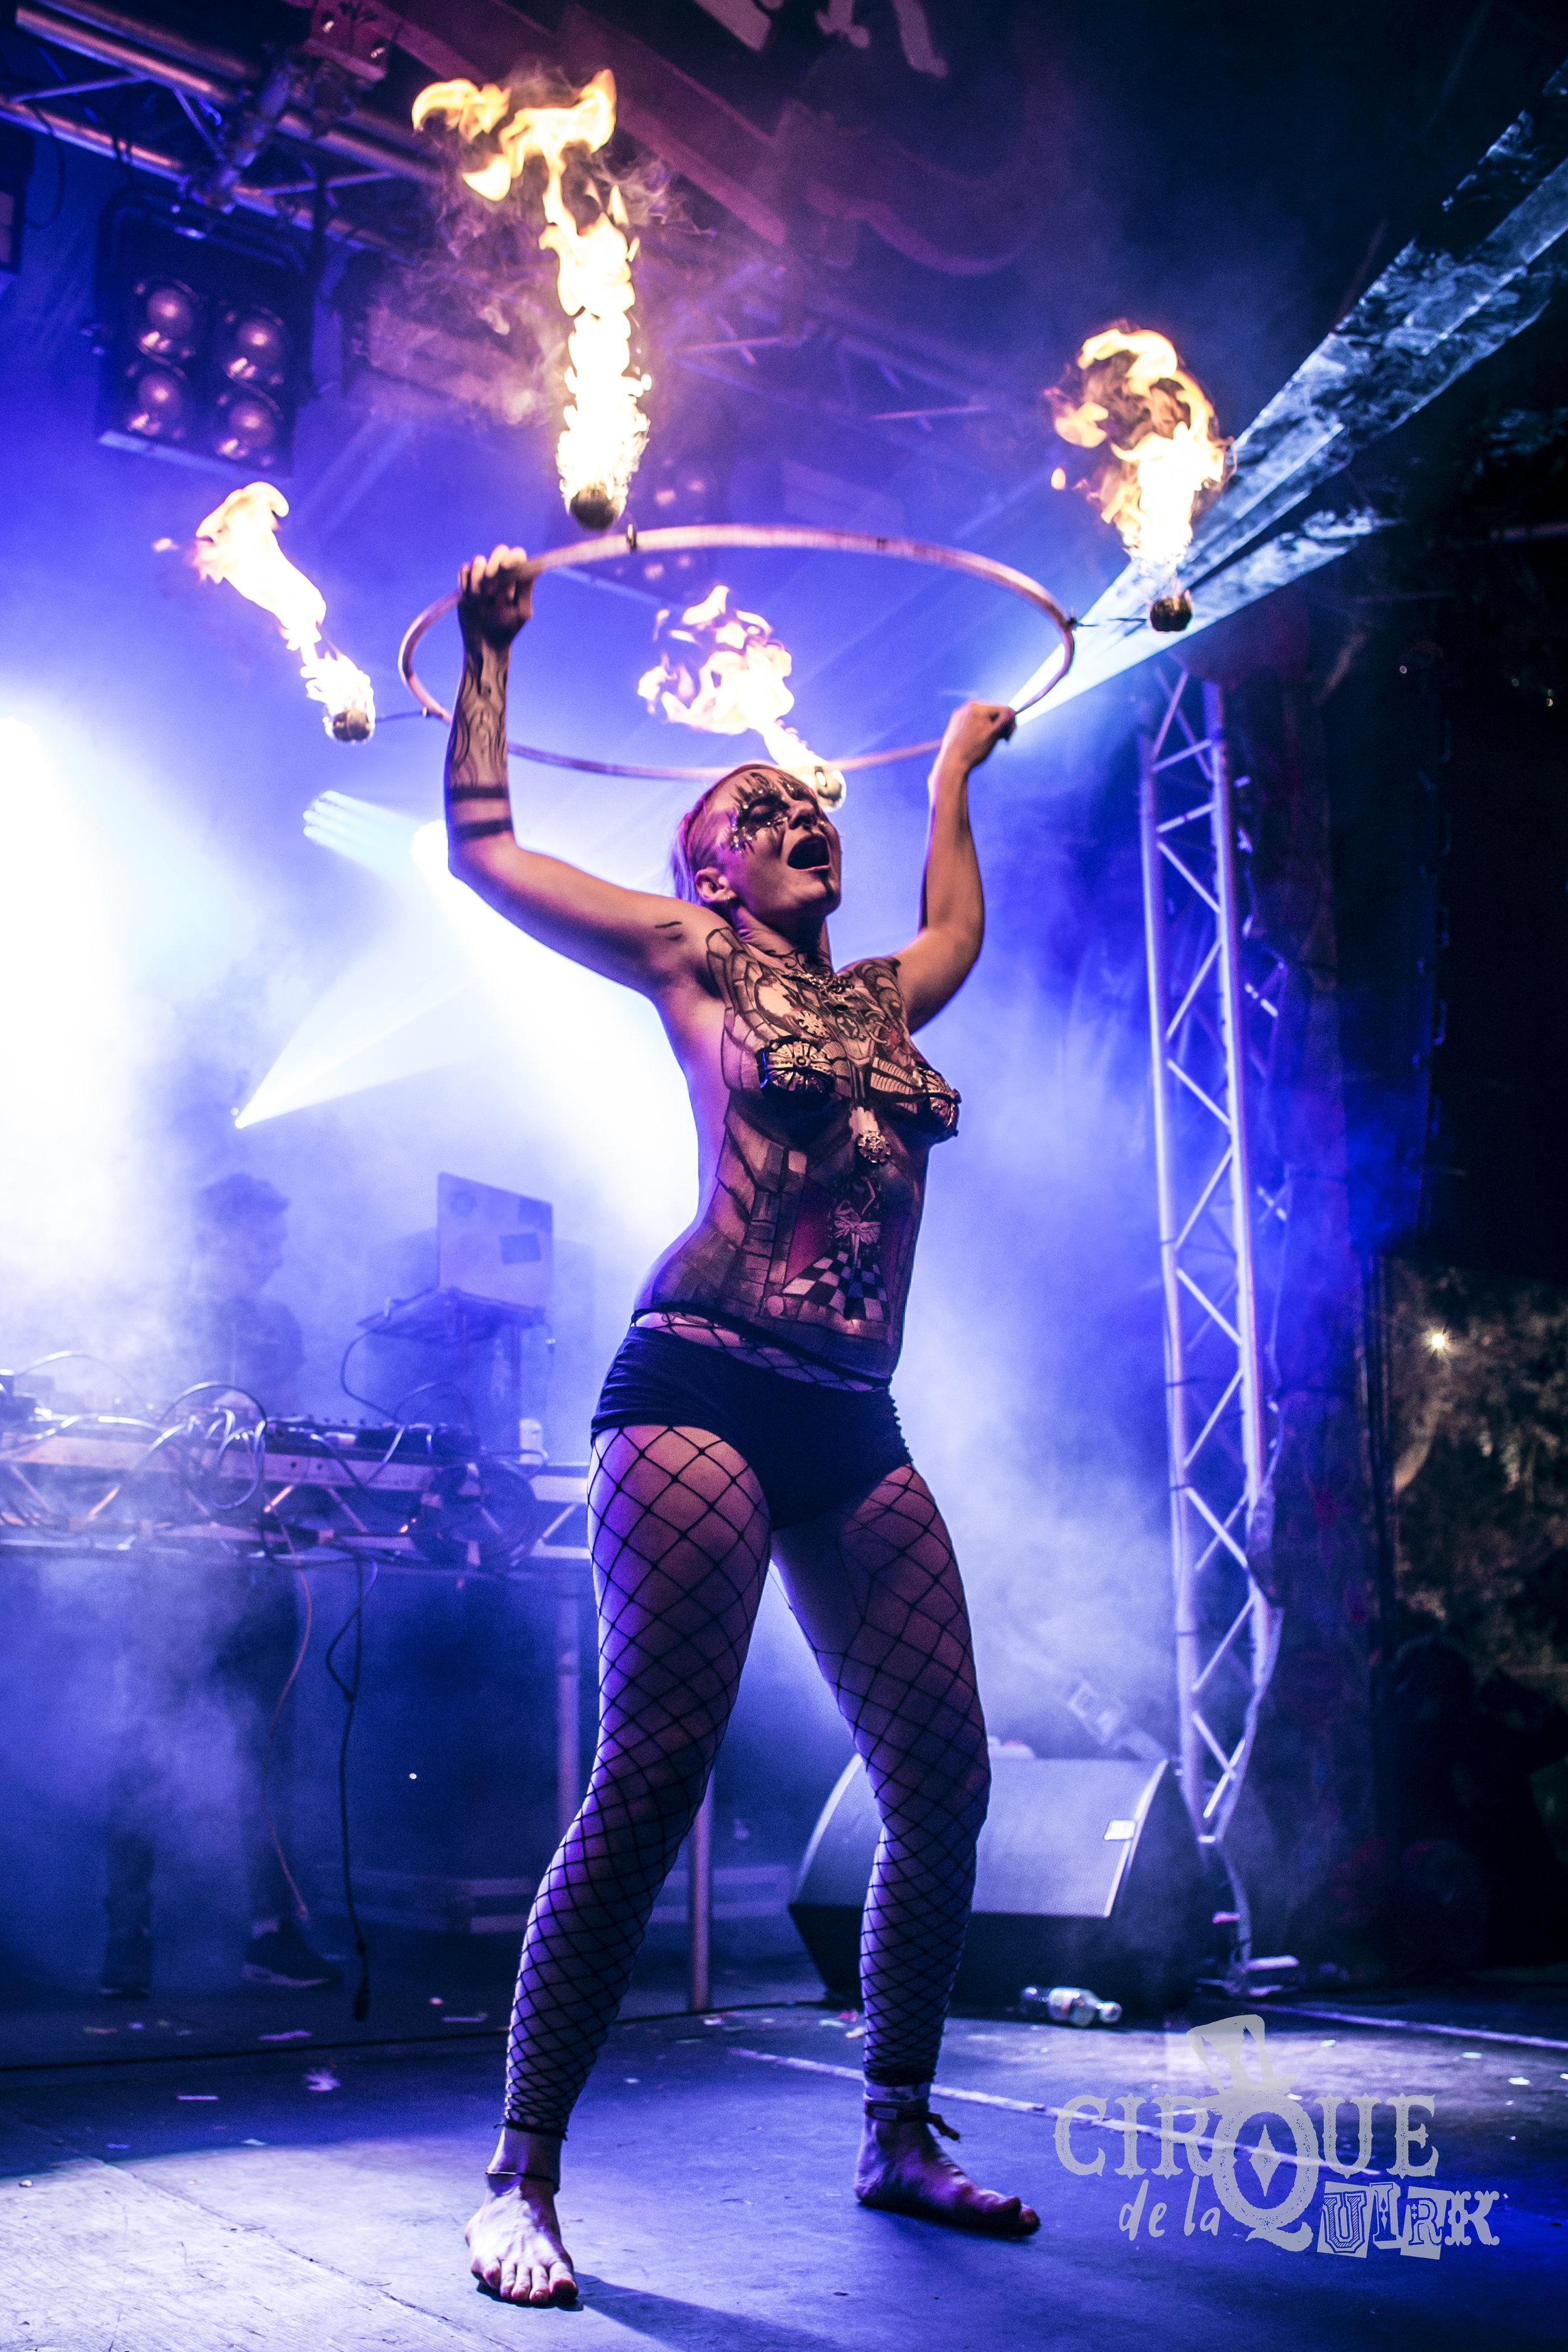 Cirque De La Quirk stage at The Isle of Wight Festival, 2018